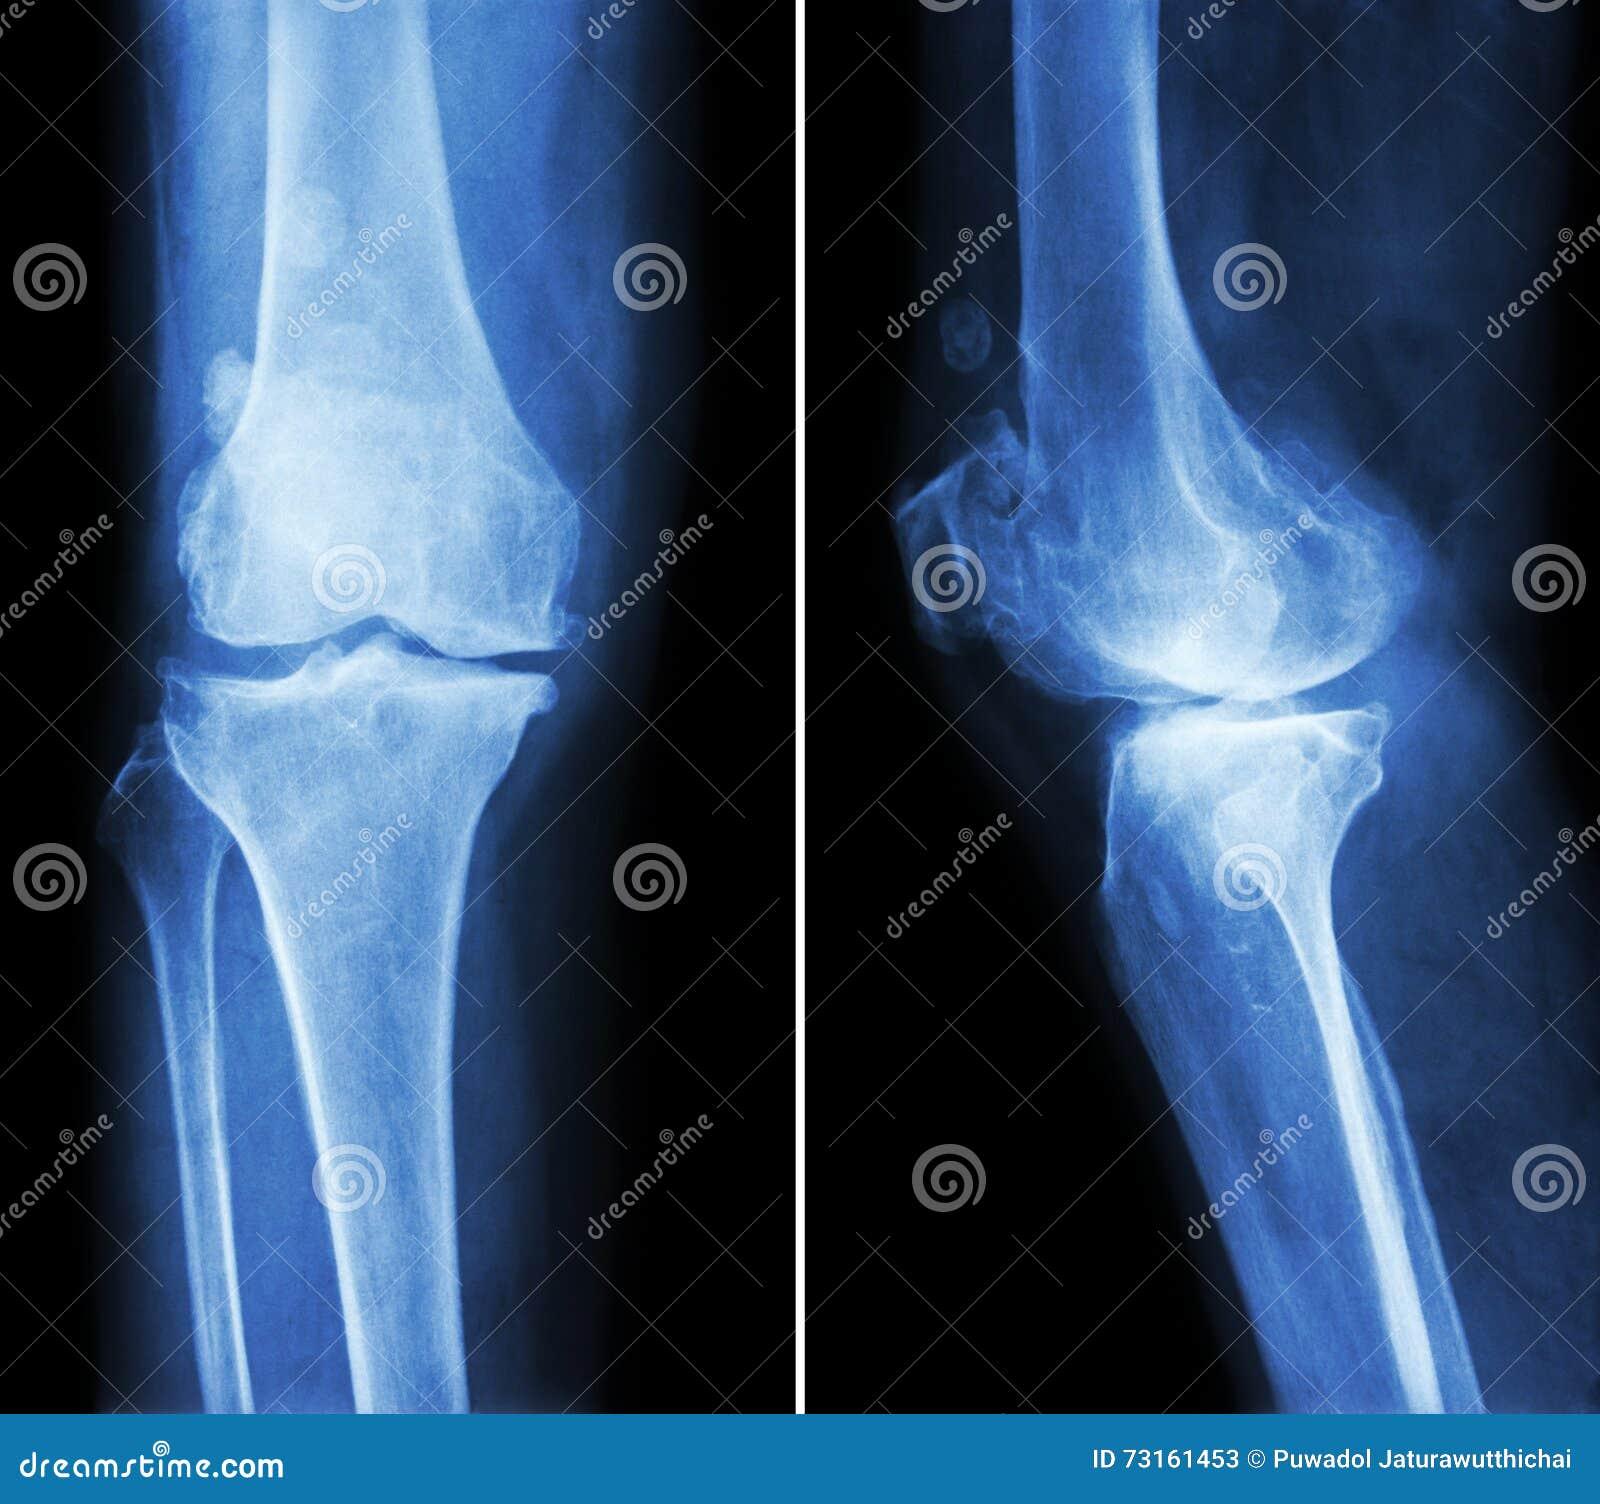 骨关节炎膝盖 影片X-射线膝盖(先前-后部和侧向看法)展示狭窄联接空间,骨赘(踢马刺),